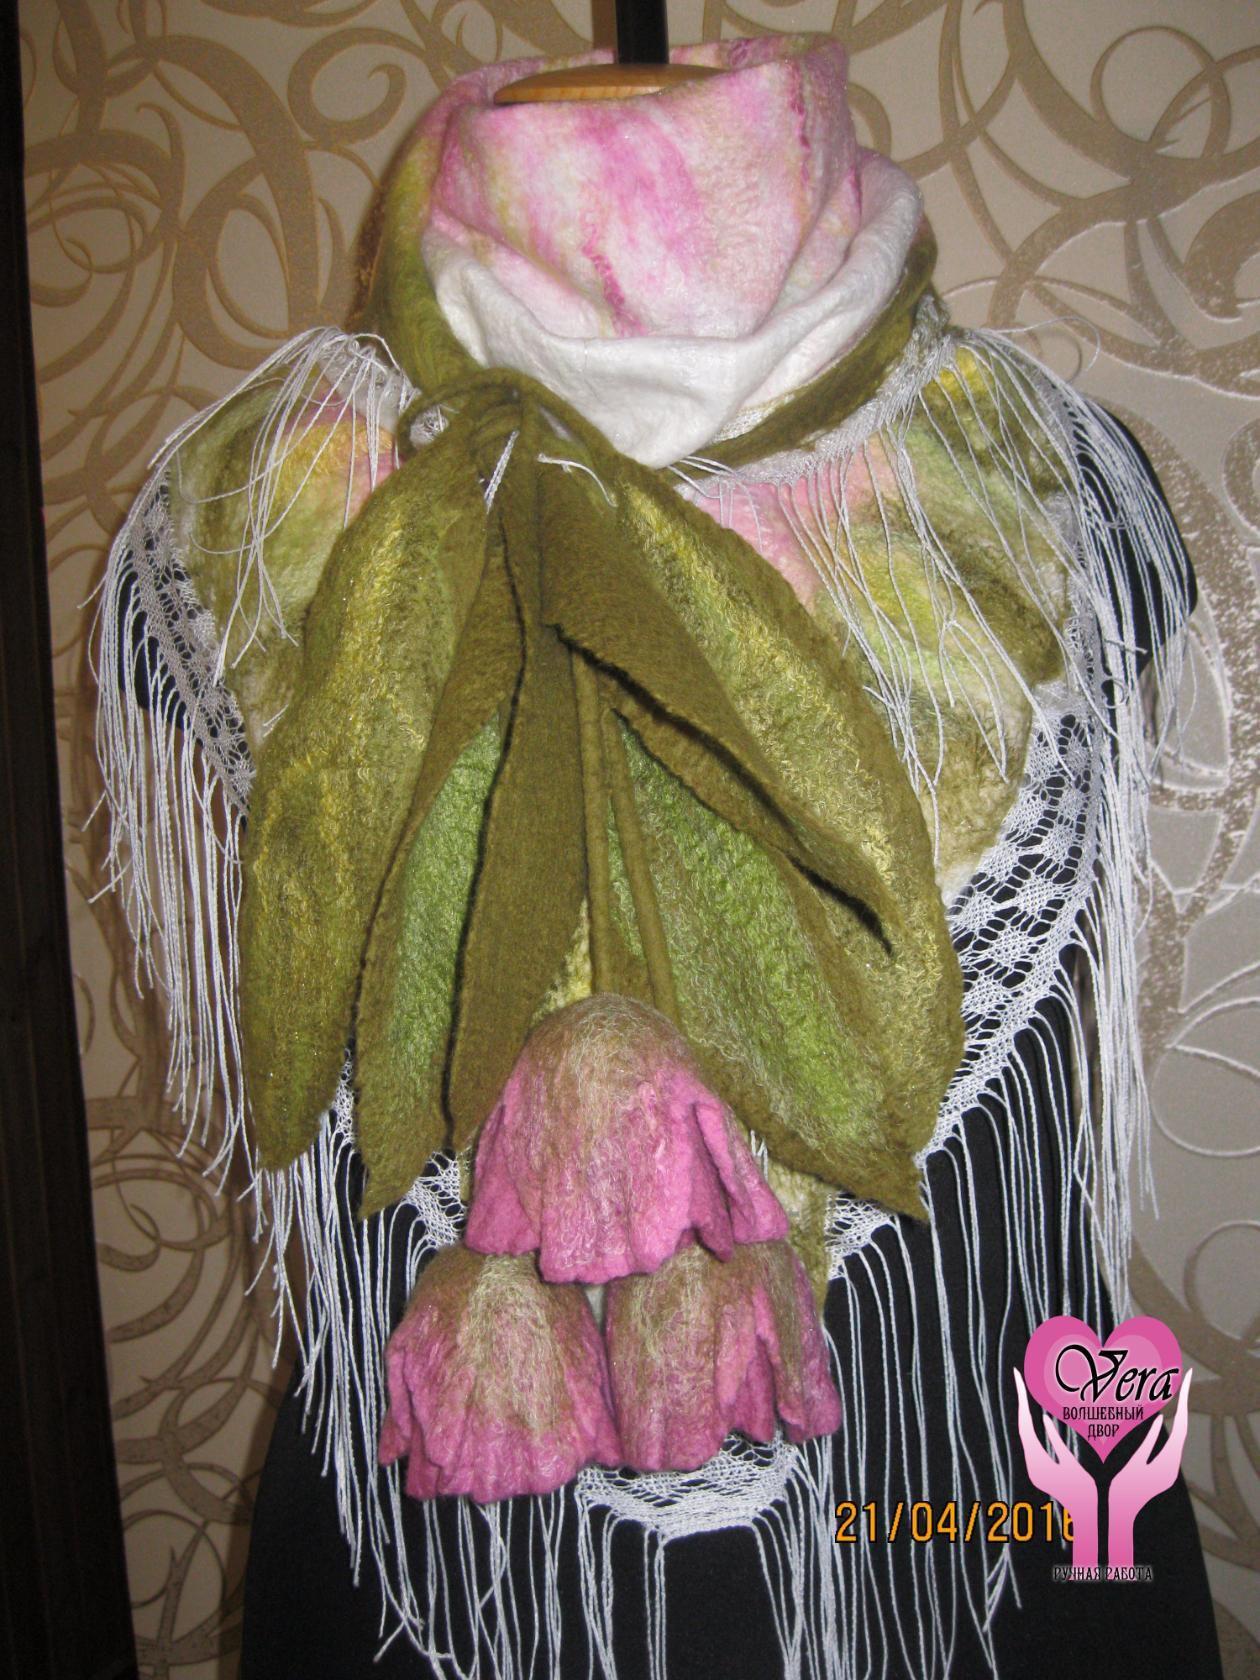 розовый белый теплый с абстрактный валяные валяный любовью бледнорозовый тюльпаны цветы